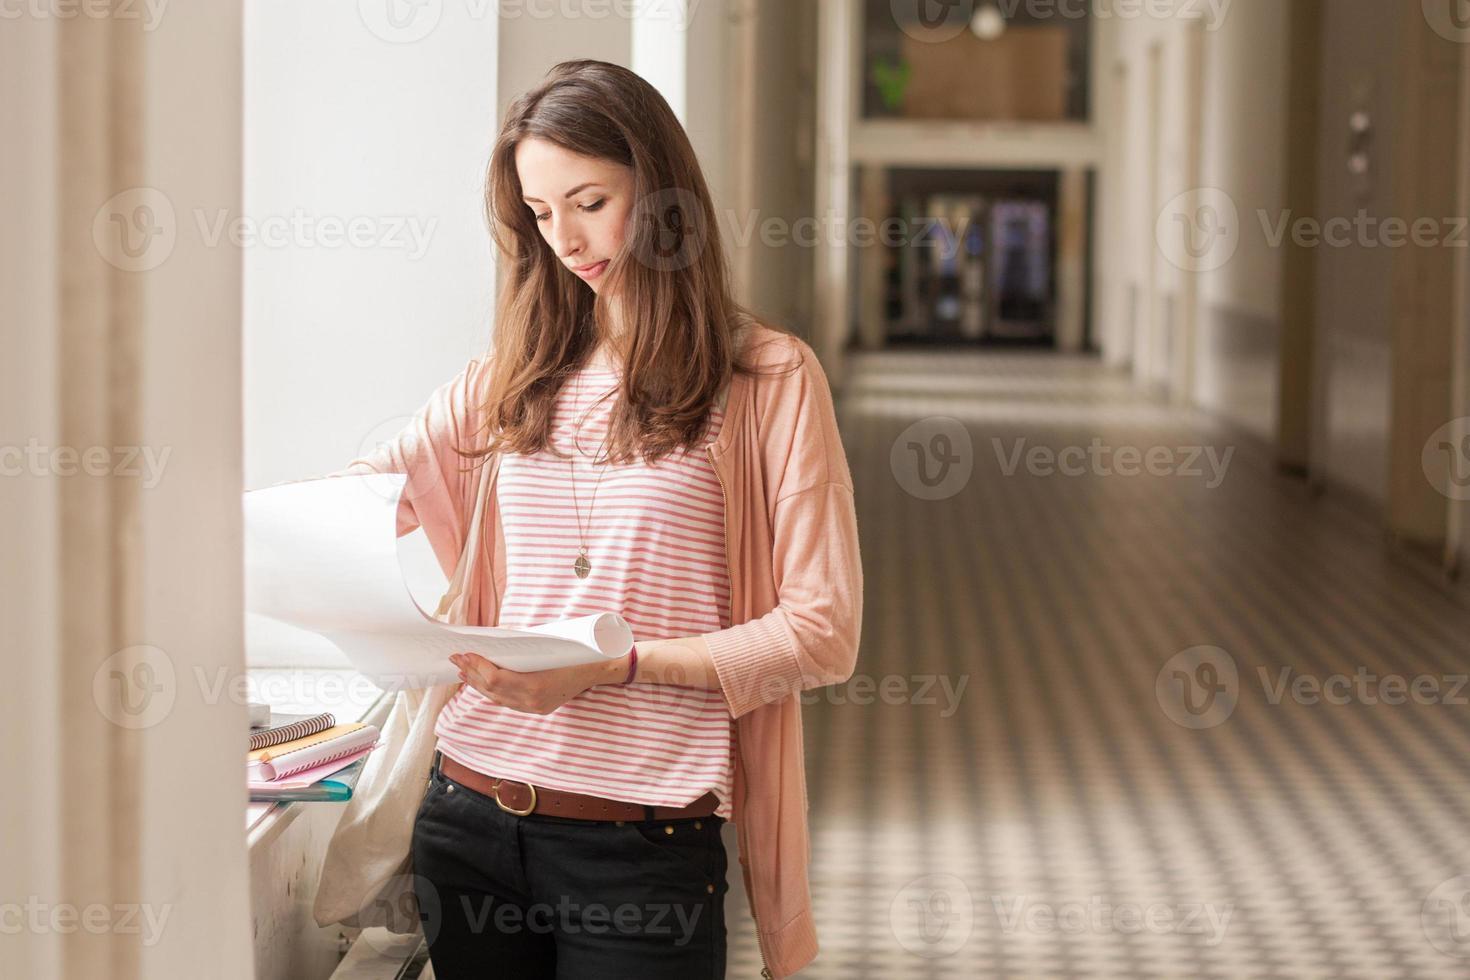 estudante universitário sorridente segurando livros foto